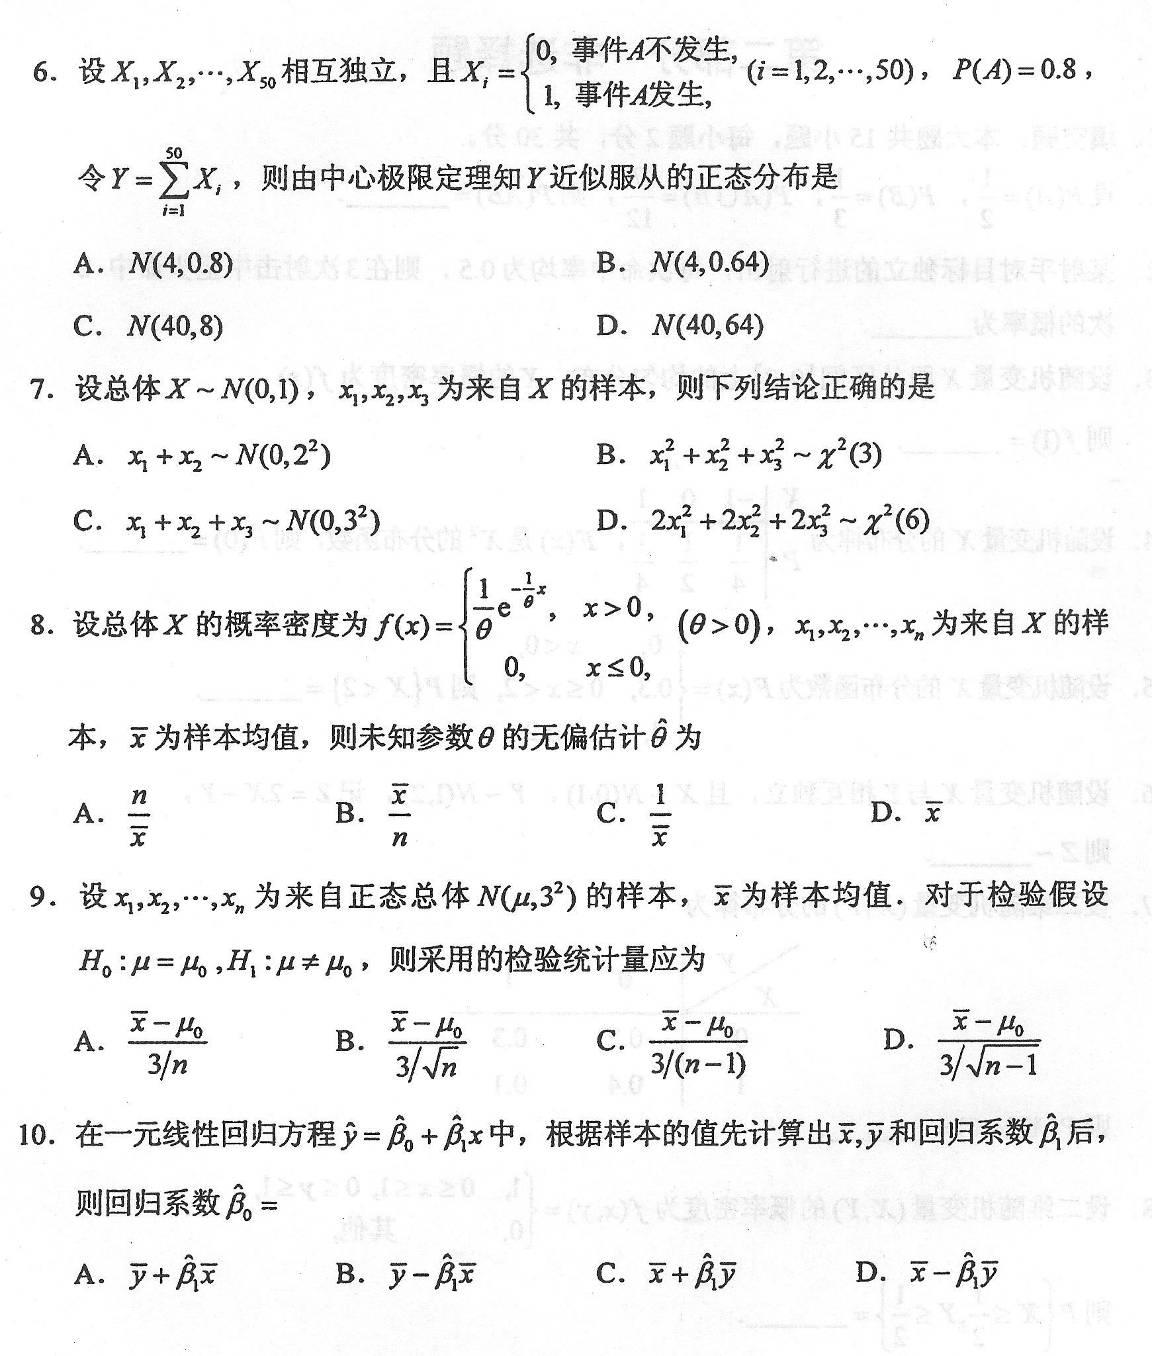 历年真题库:2017年10月自考04183概率论与数理统计(经管类)试卷及答案